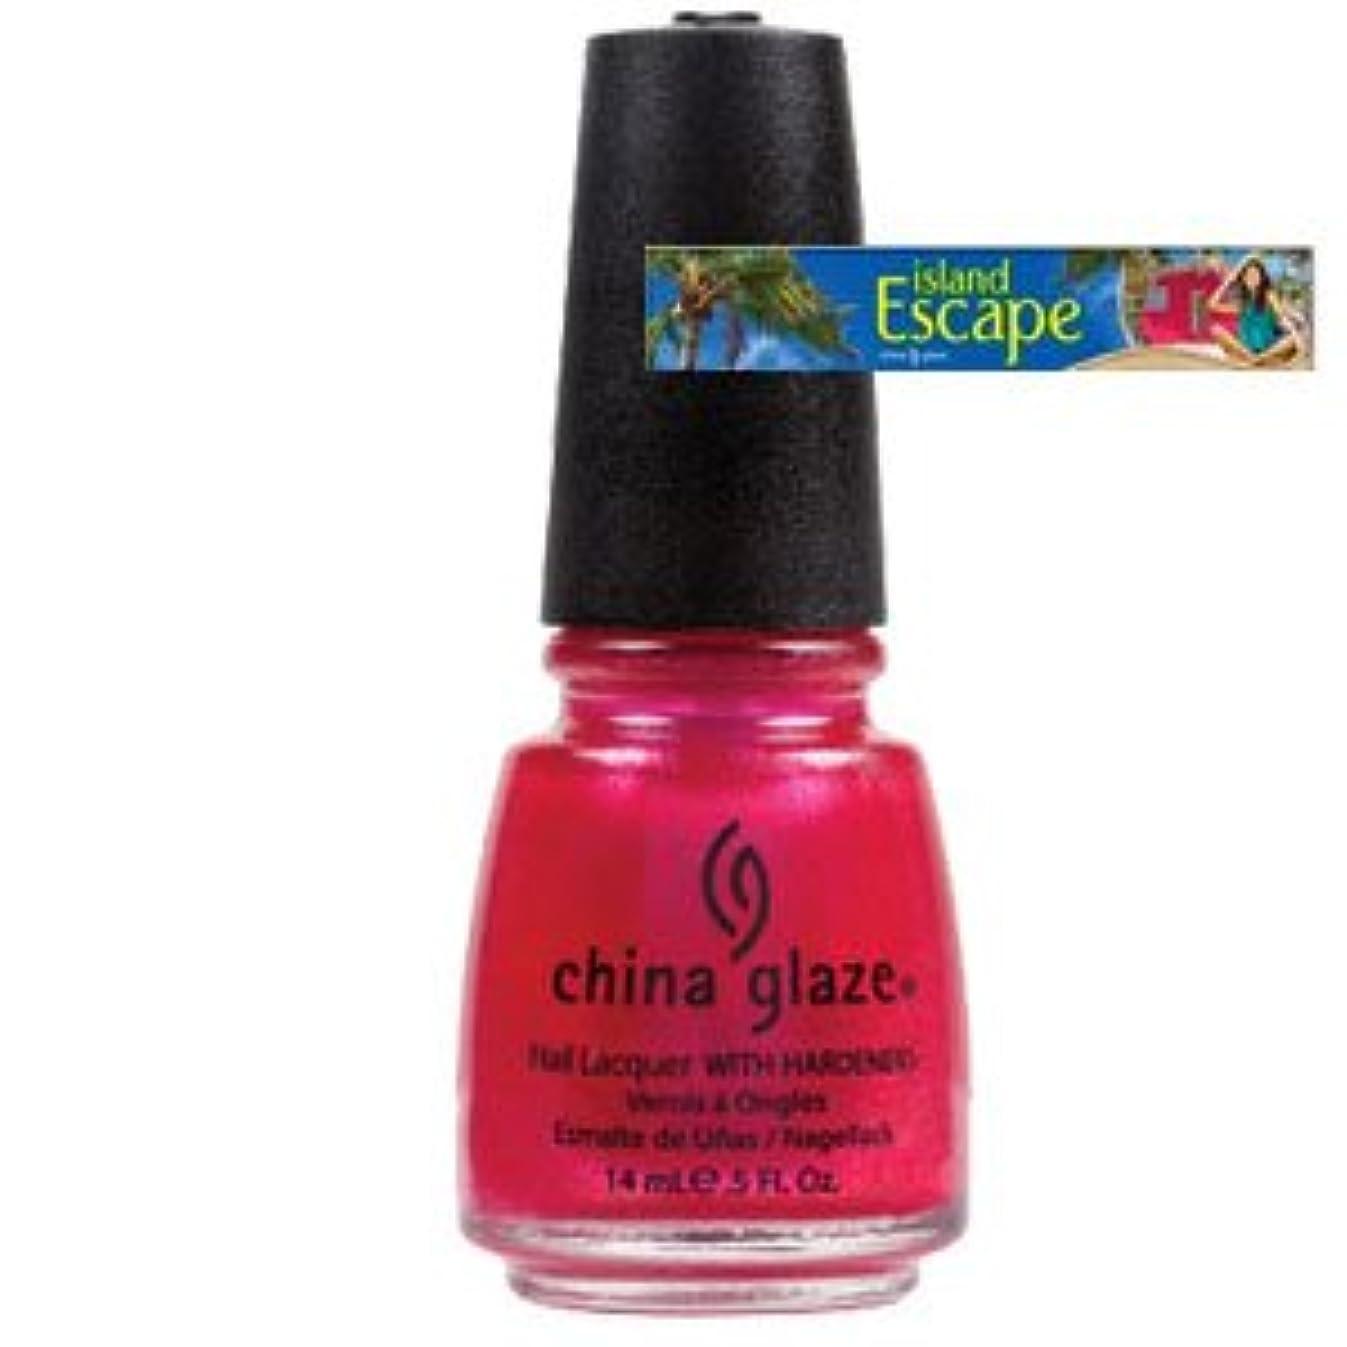 負事傾いた(チャイナグレイズ)China Glaze アイランドエスケープコレクション?108 Degrees [海外直送品][並行輸入品]